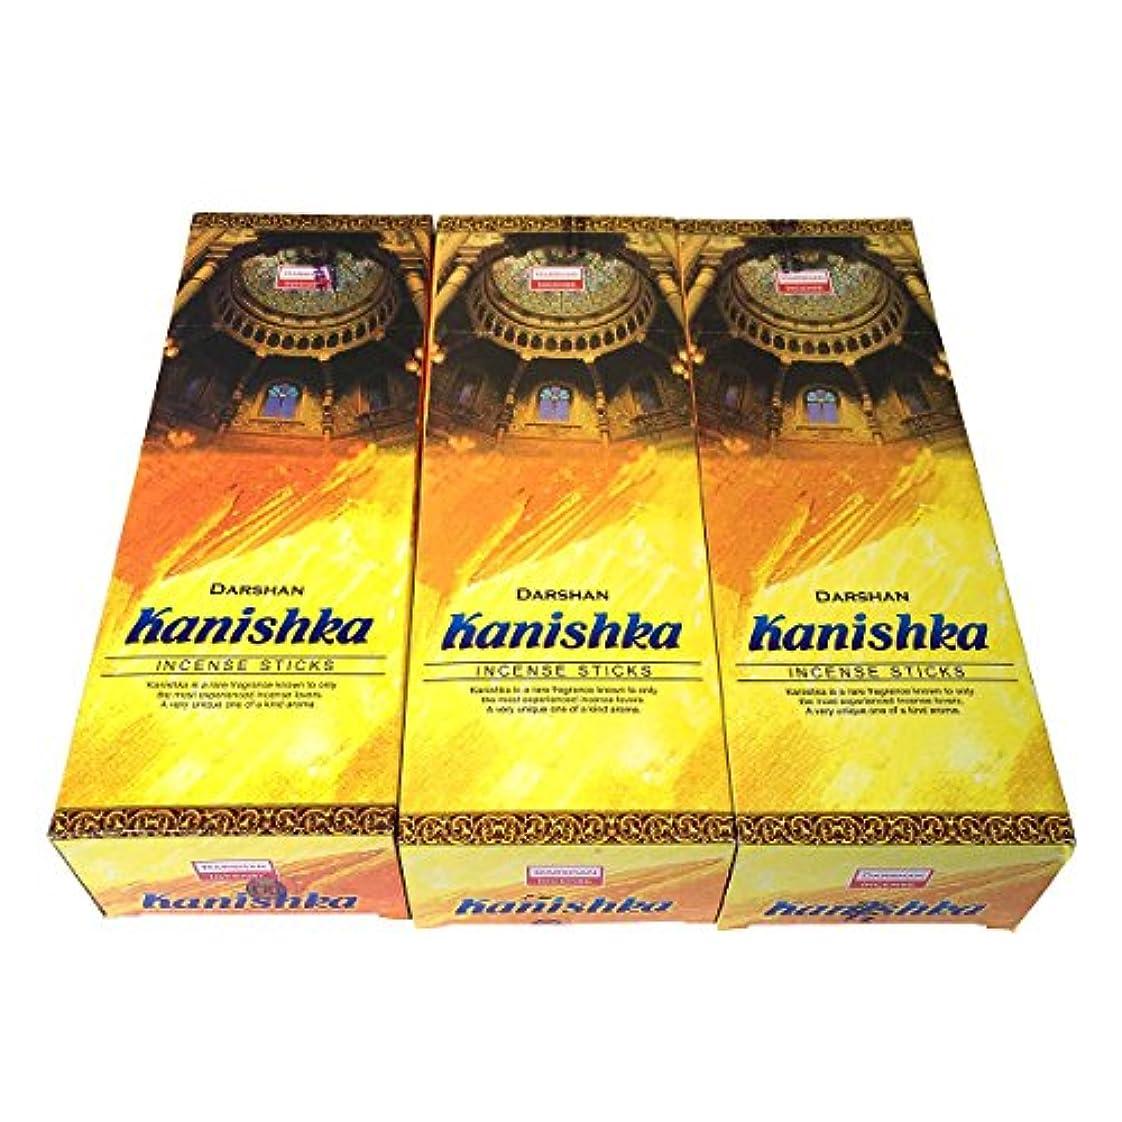 堂々たる等々複雑でないカニシュカ香スティック 3BOX(18箱) /DARSHAN KANISHKA/インセンス/インド香 お香 [並行輸入品]